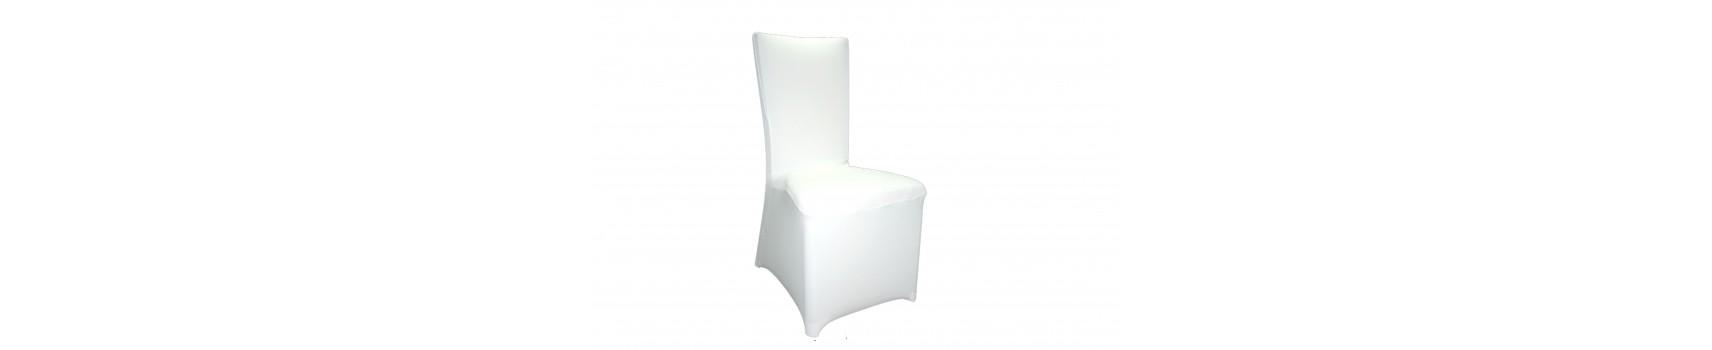 יבוא ושיווק כיסוי לכיסא, כיסויים לכיסאות לאולמות אירועים, כיסוי לכיסא